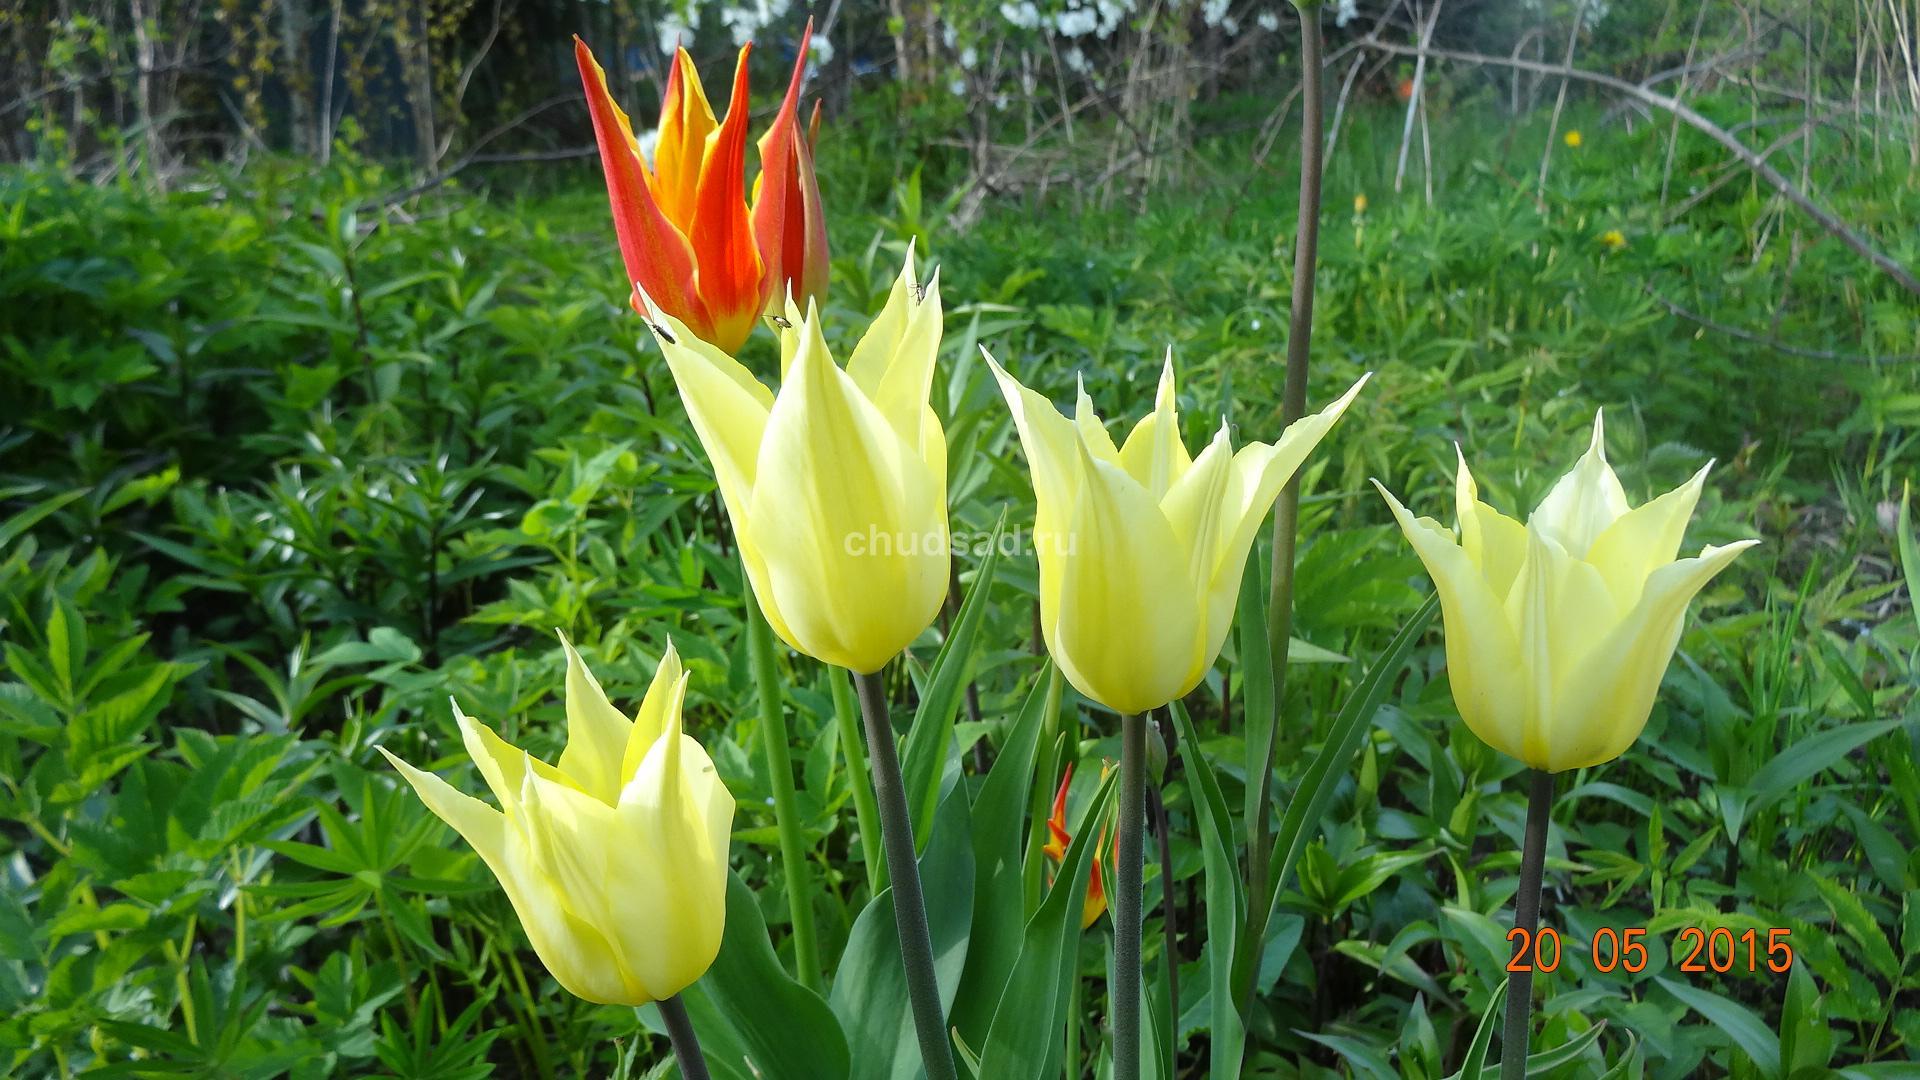 Тюльпан лилиецветный Саппоро